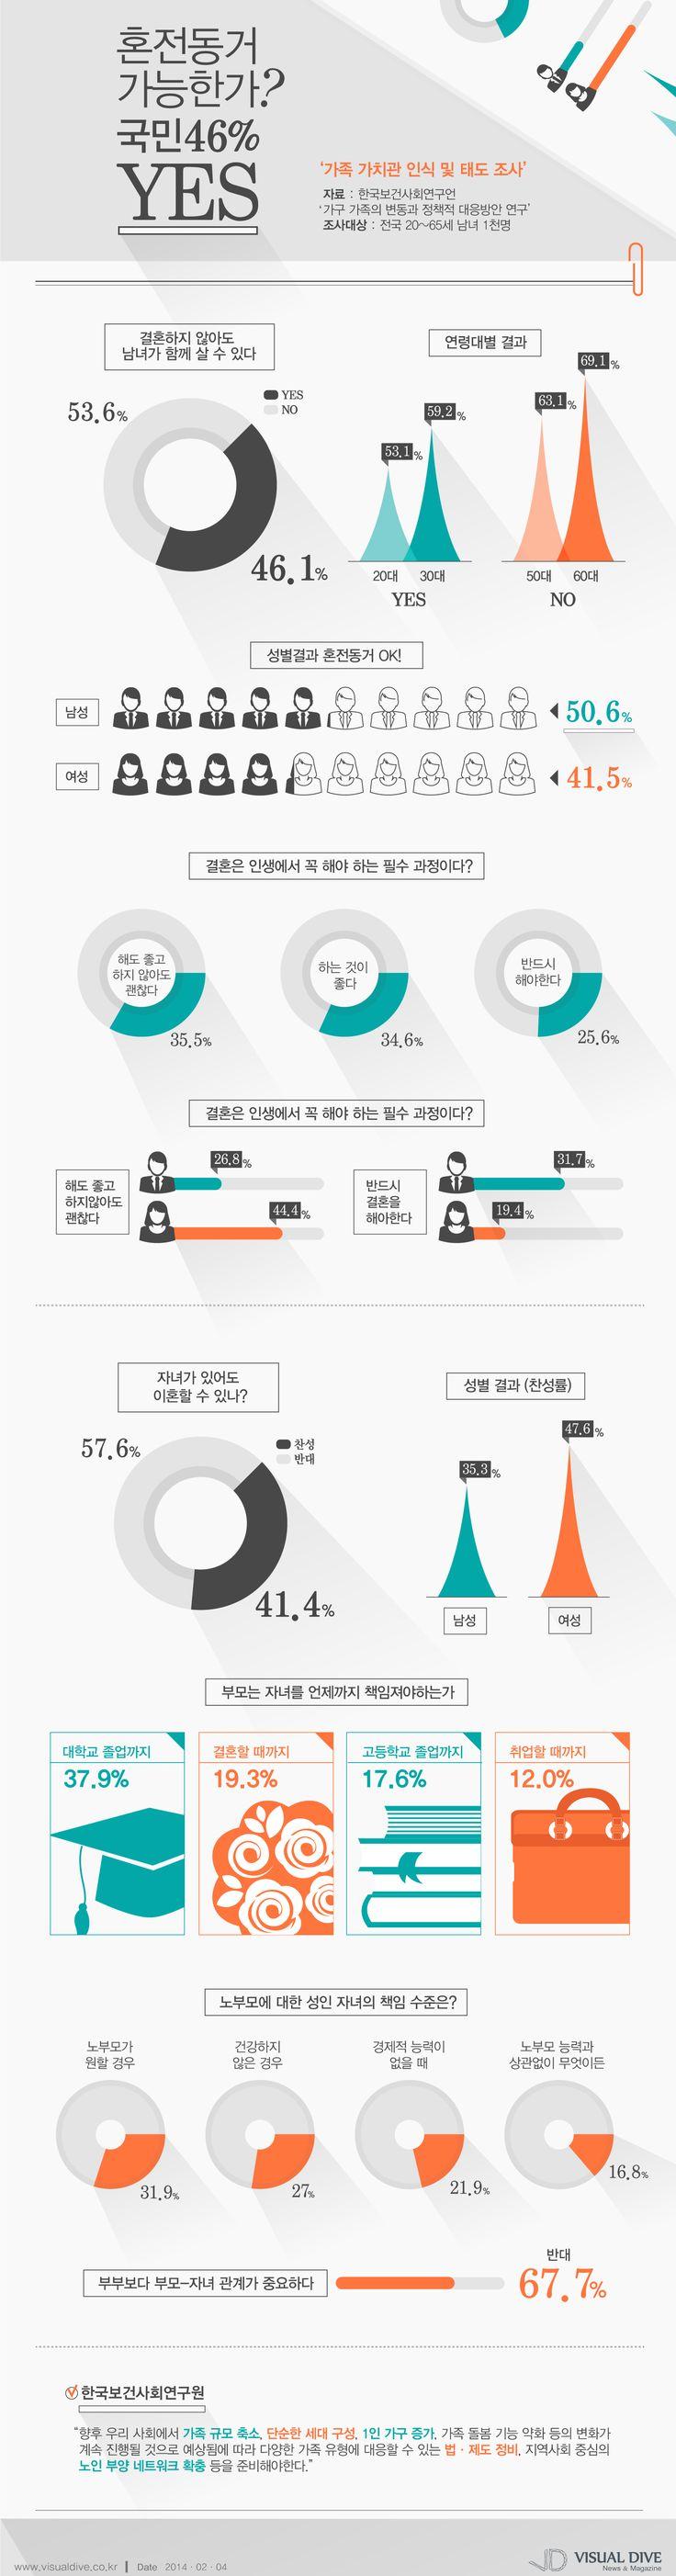 [인포그래픽] 국민 10명 중 4명, '혼전동거' 가능해 #cohabitation / #Infographic ⓒ 비주얼다이브 무단 복사·전재·재배포 금지